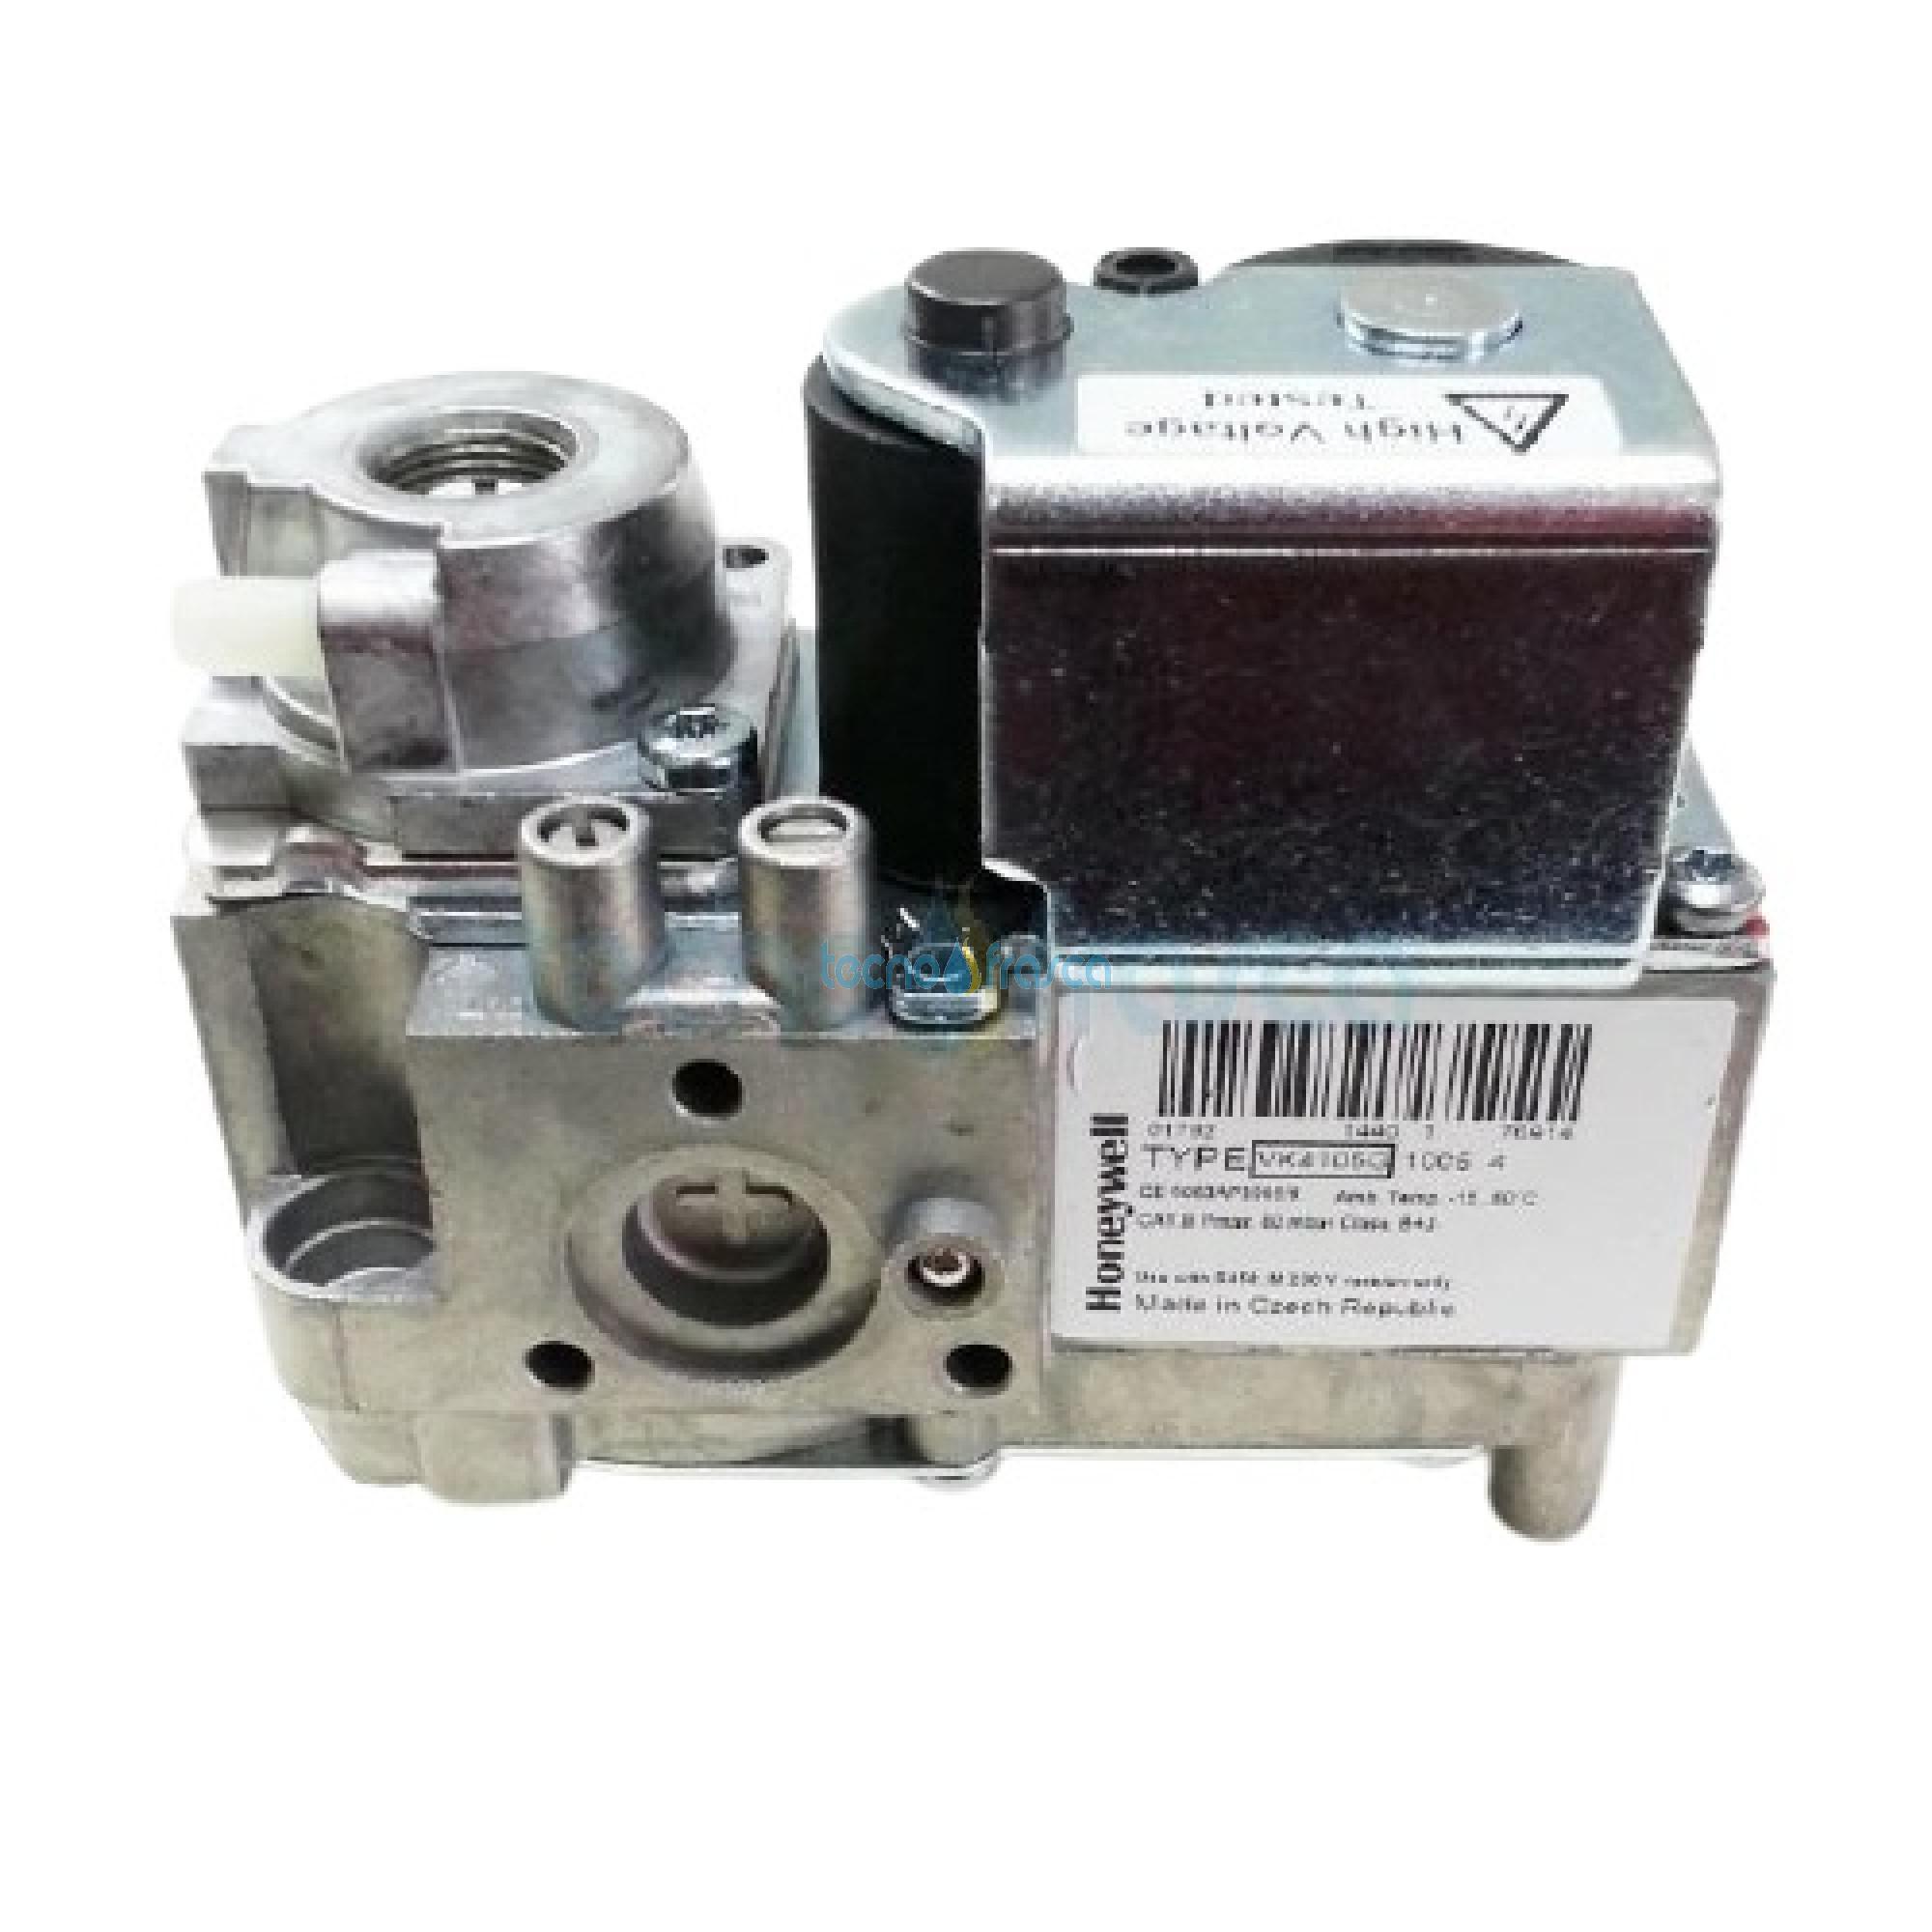 Sylber valvola gas vk415g1005 r2932